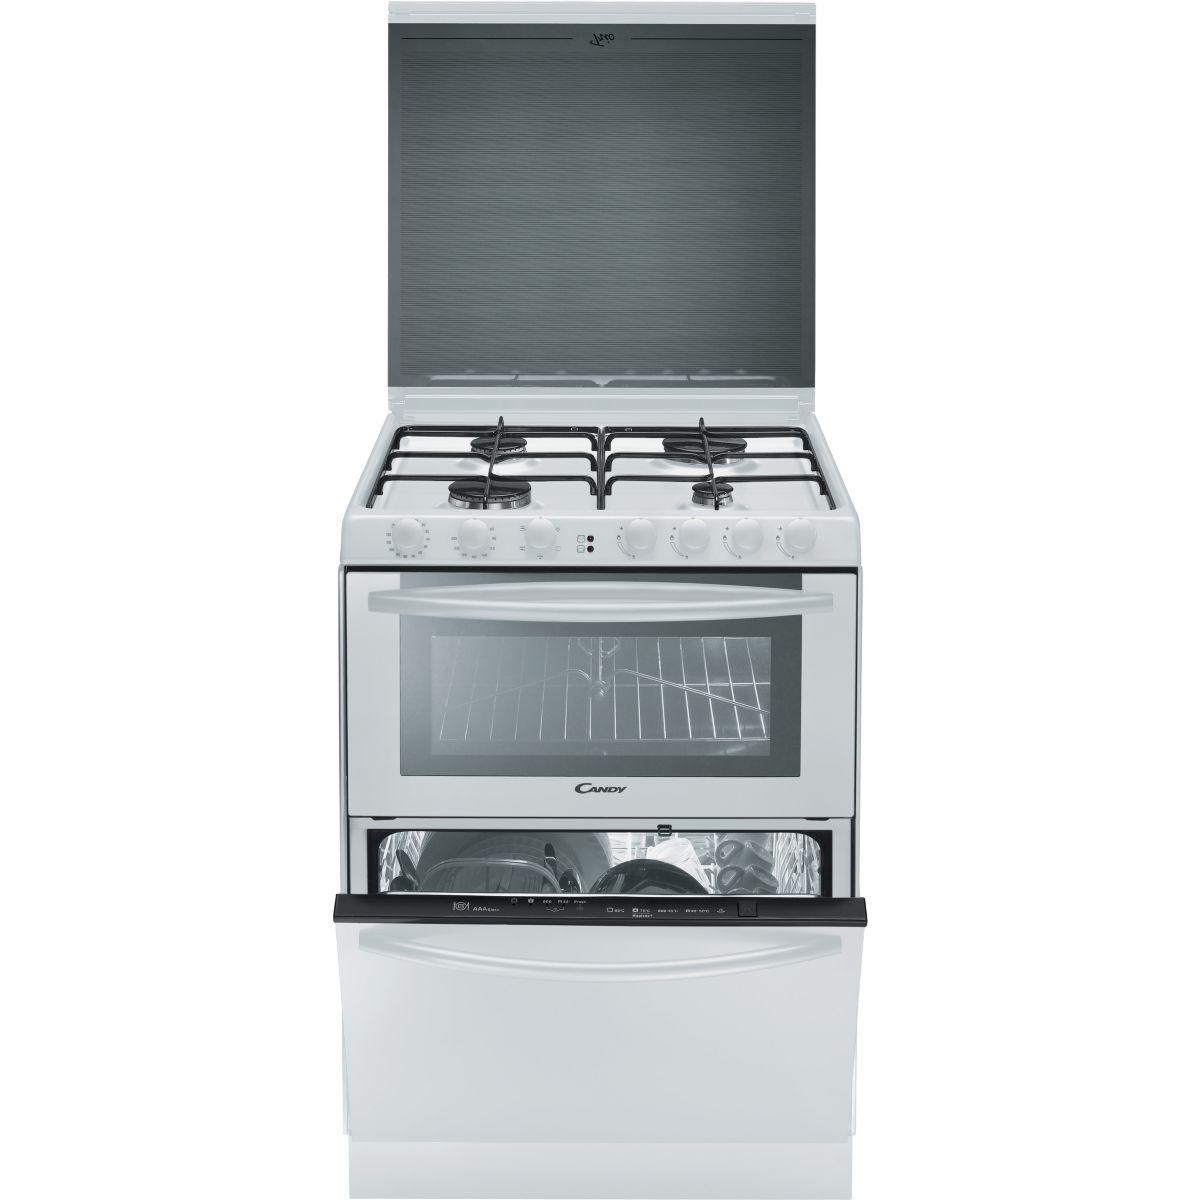 Lave vaisselle cuisson candy trio 9501w (blanc) - livraison of...